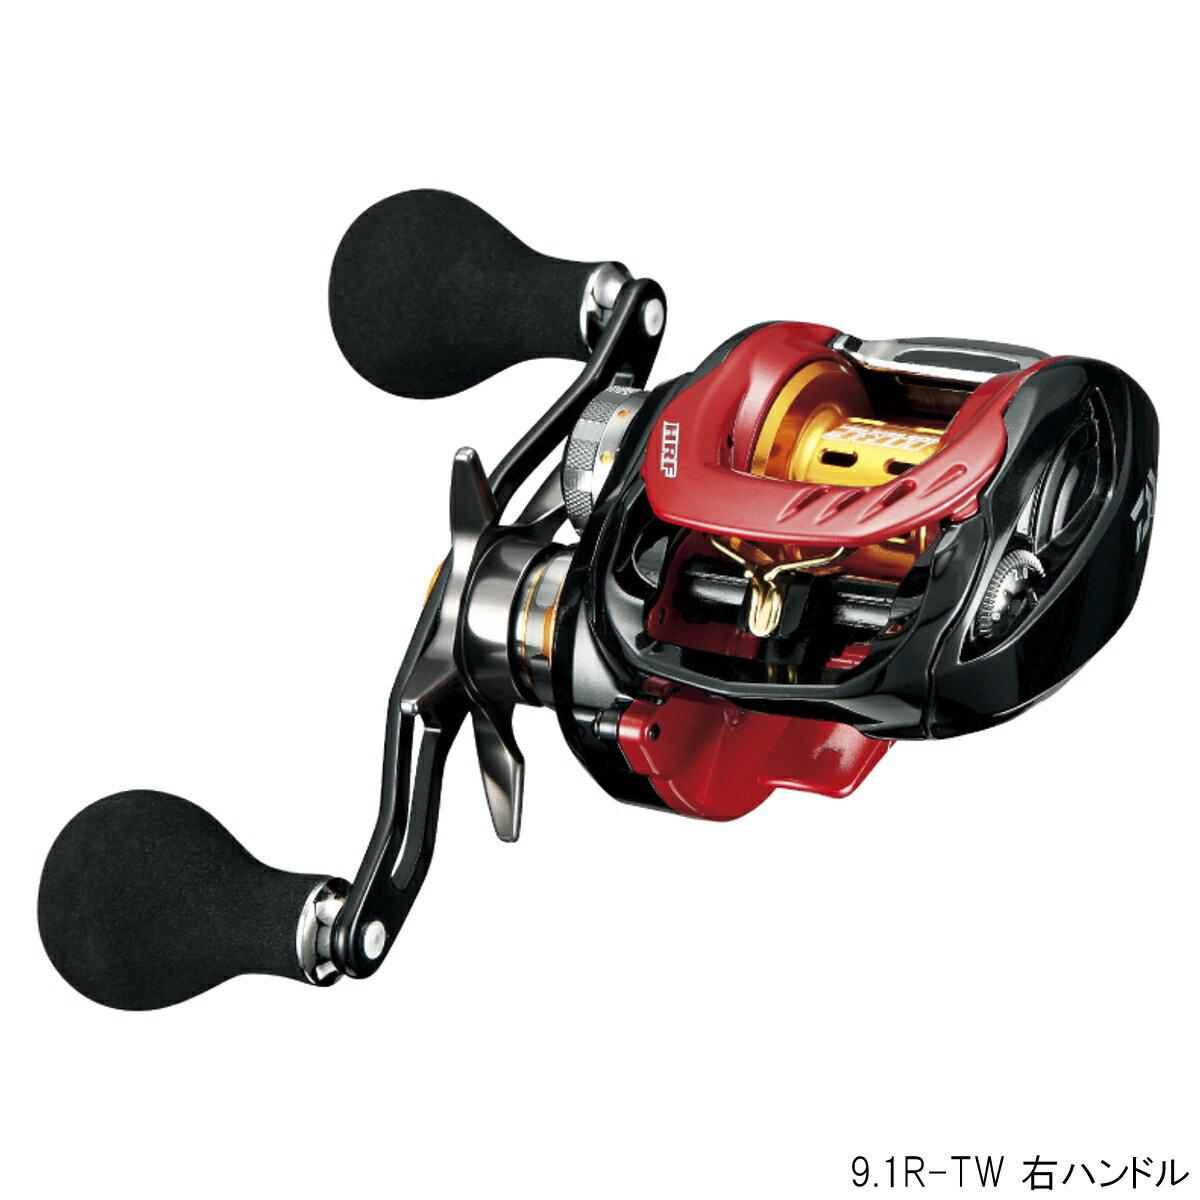 ダイワ HRF ソニックスピード 9.1R-TW 右ハンドル【送料無料】